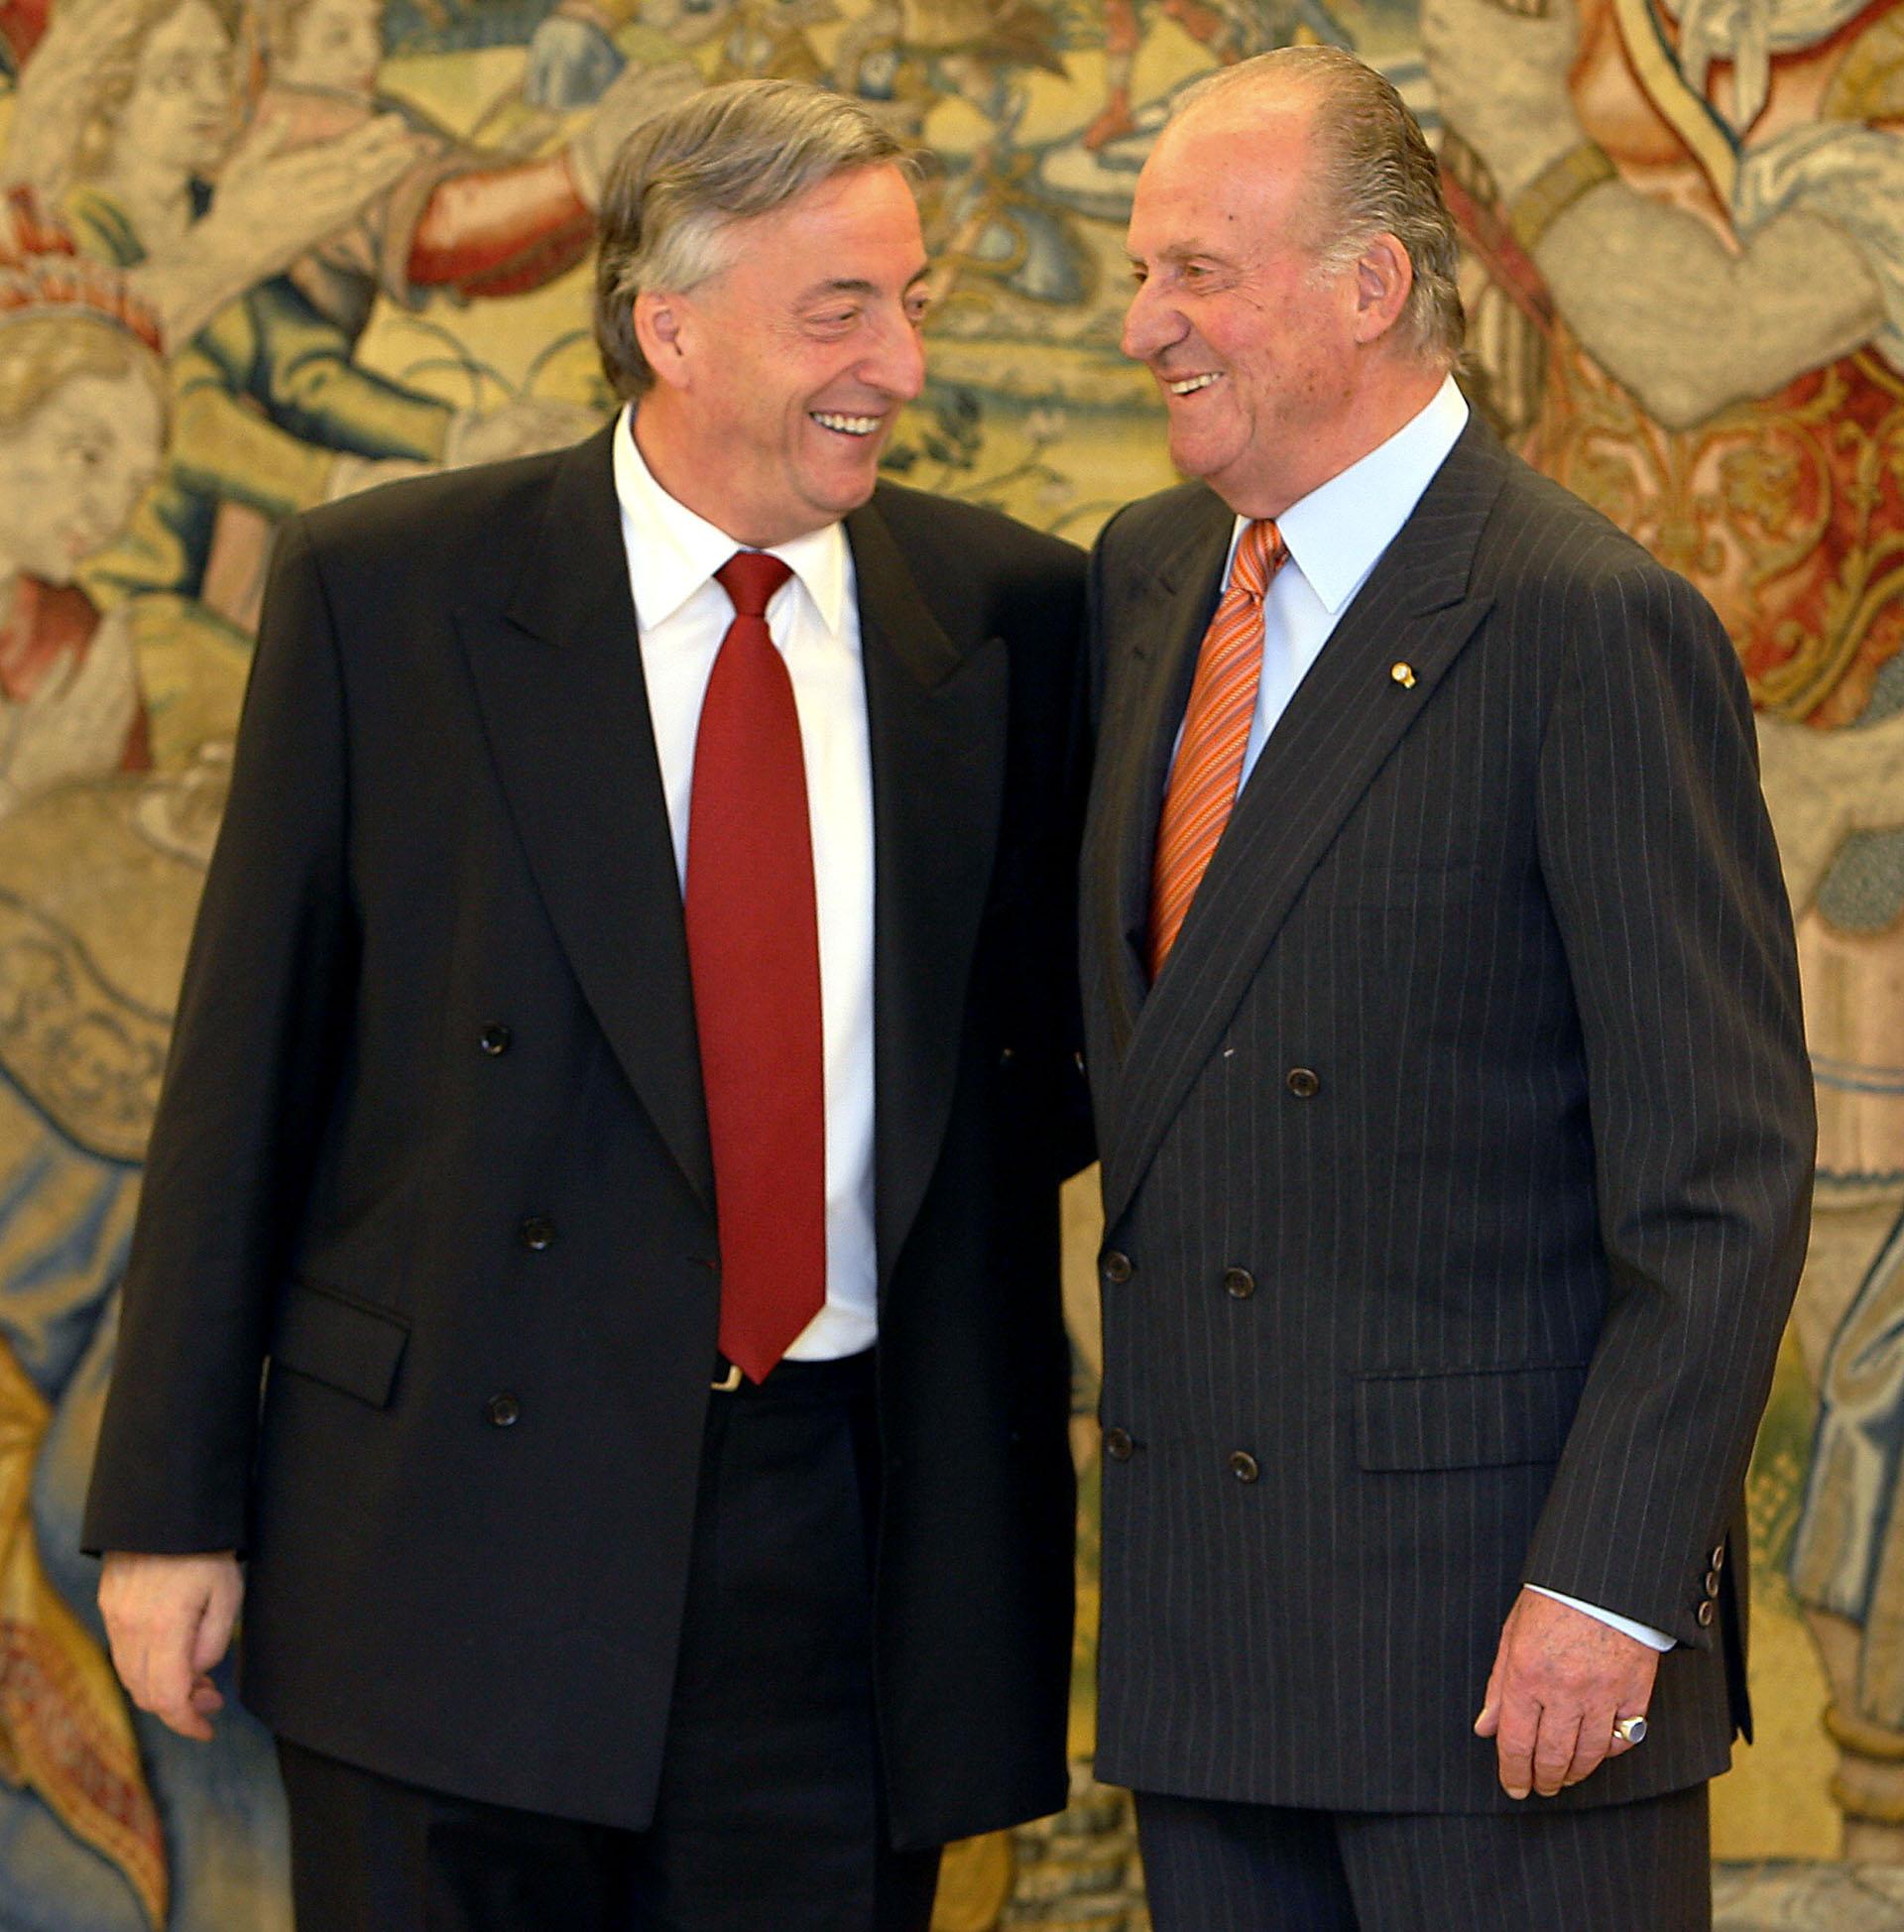 El rey Juan Carlos (R) de España y el presidente Néstor Kirchner disfrutan de una broma a su llegada al Palacio de la Zarzuela en Madrid, el 21 de junio de 2006.